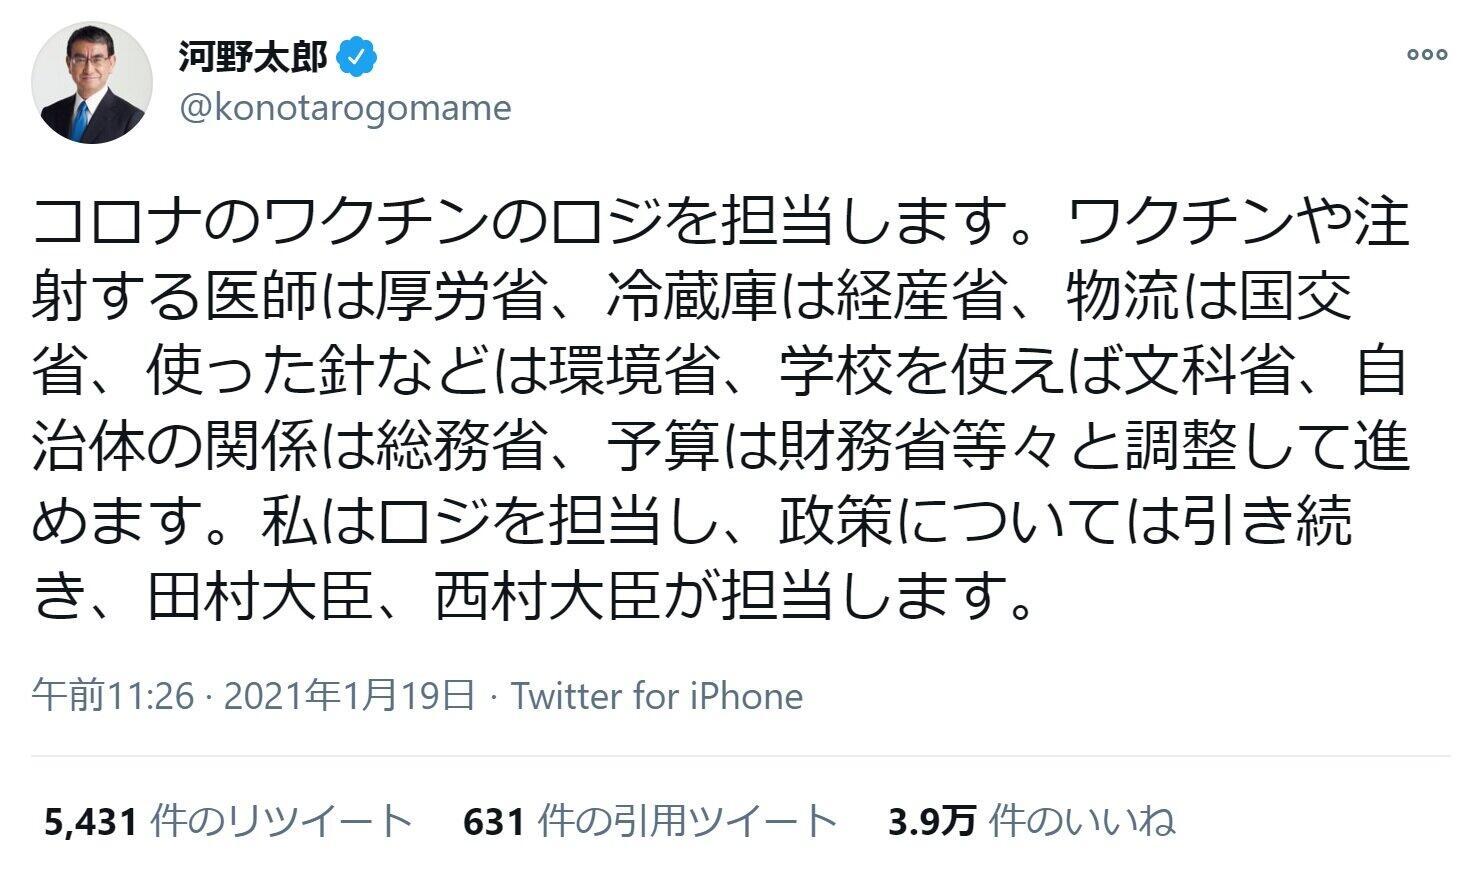 「河野太郎ワクチン担当相」の「長所」とは コロナ対応「3人目」の狙いを識者が読み解く